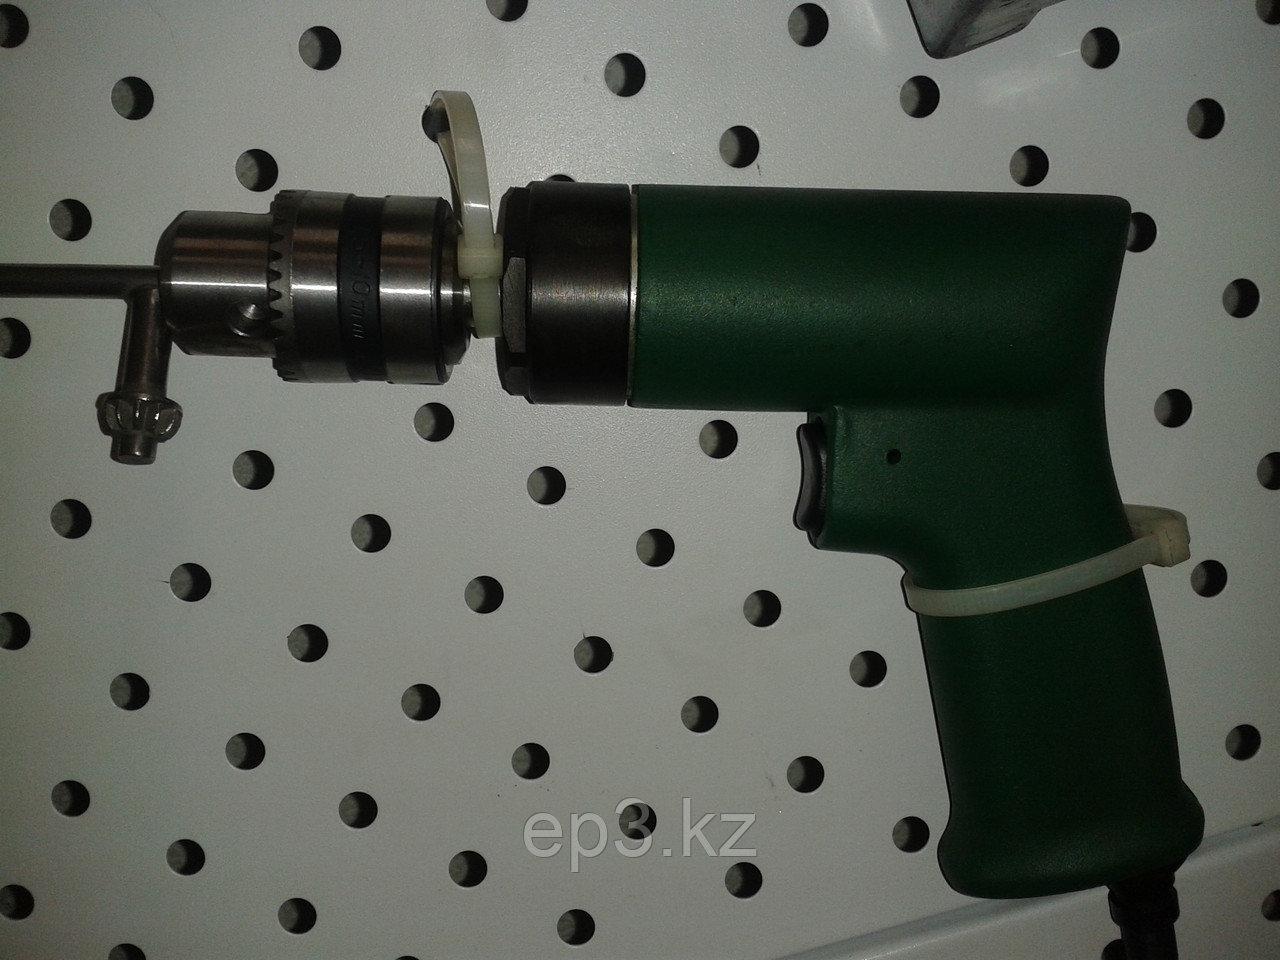 Пневмошлифмашина ПШМ-180У (угловая) - фото 3